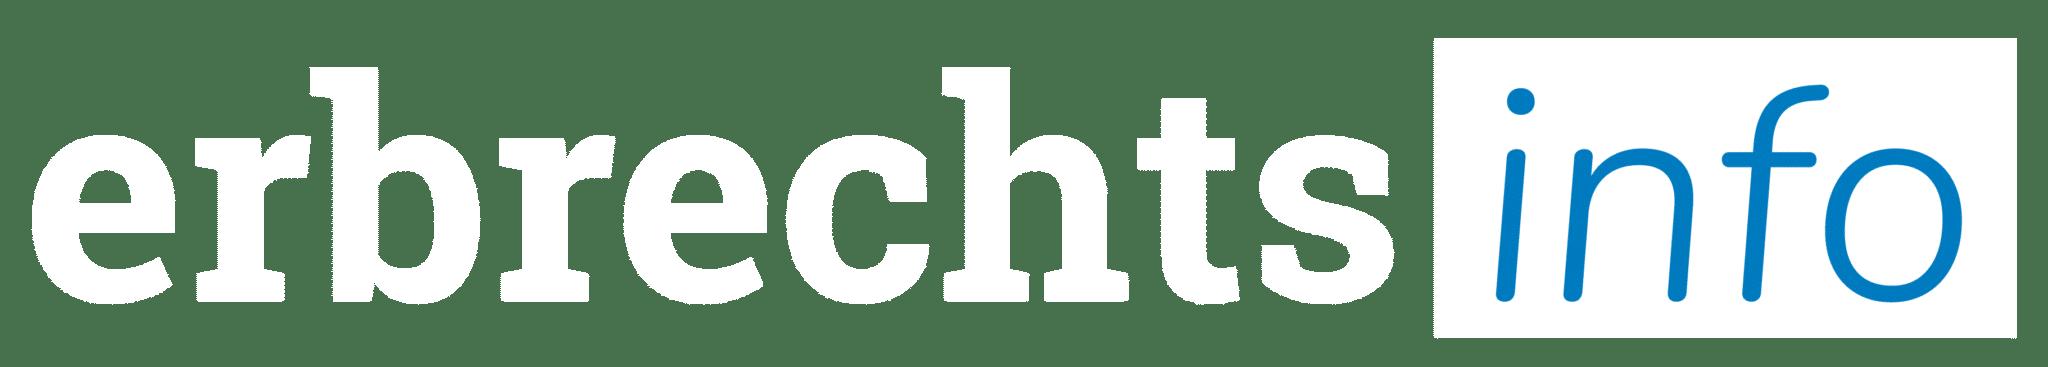 Erbrechtsinfo Logo weiss